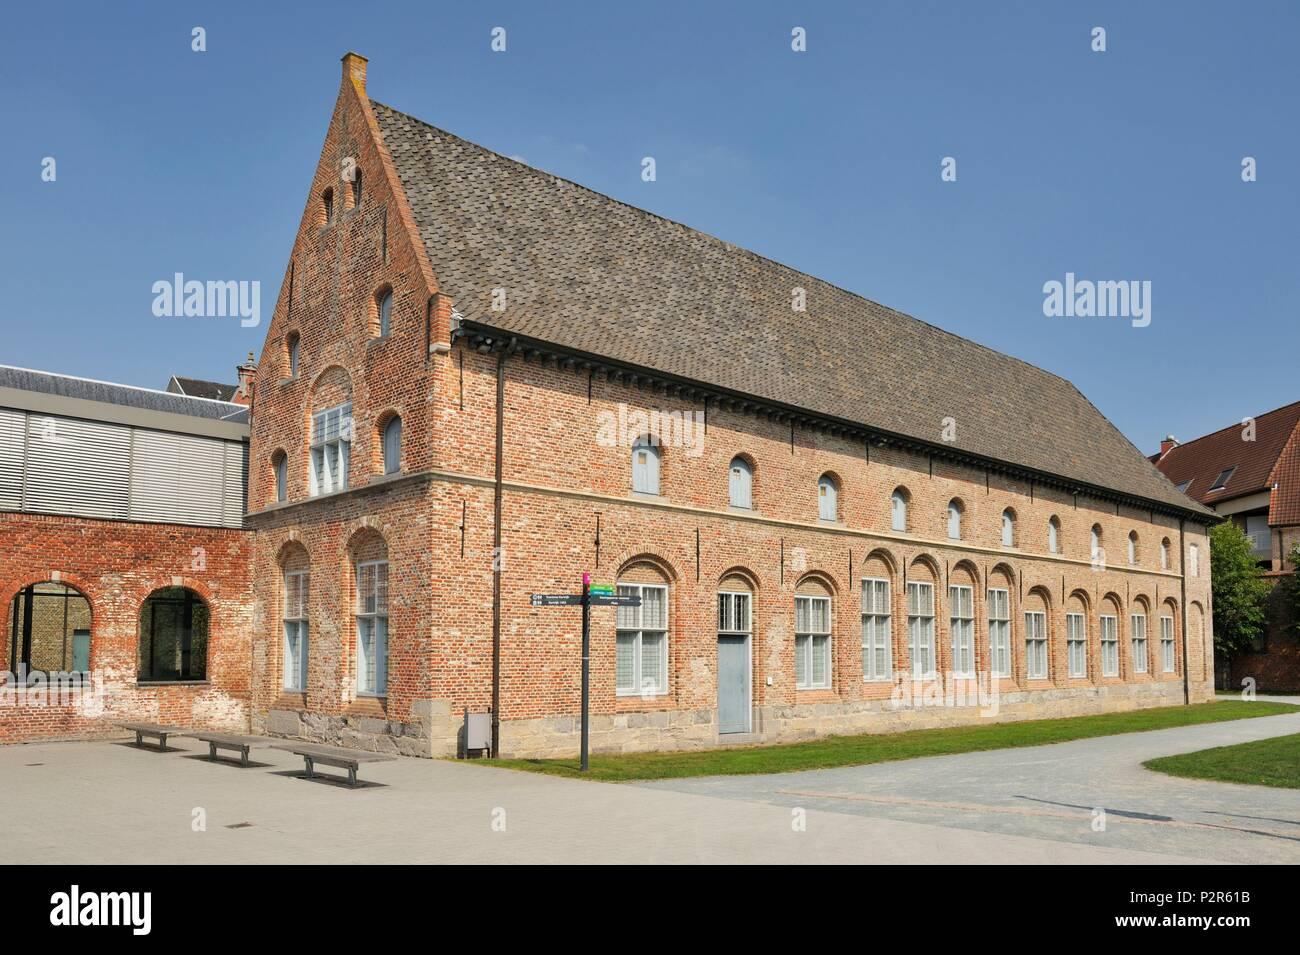 Belgium, Province of West Flanders, Kortrijk, Begijnhof Sint Elisabeth Begijnhof in Kortrijk, old building housing the exhibition on the Battle of Kortrijk from 1302 - Stock Image